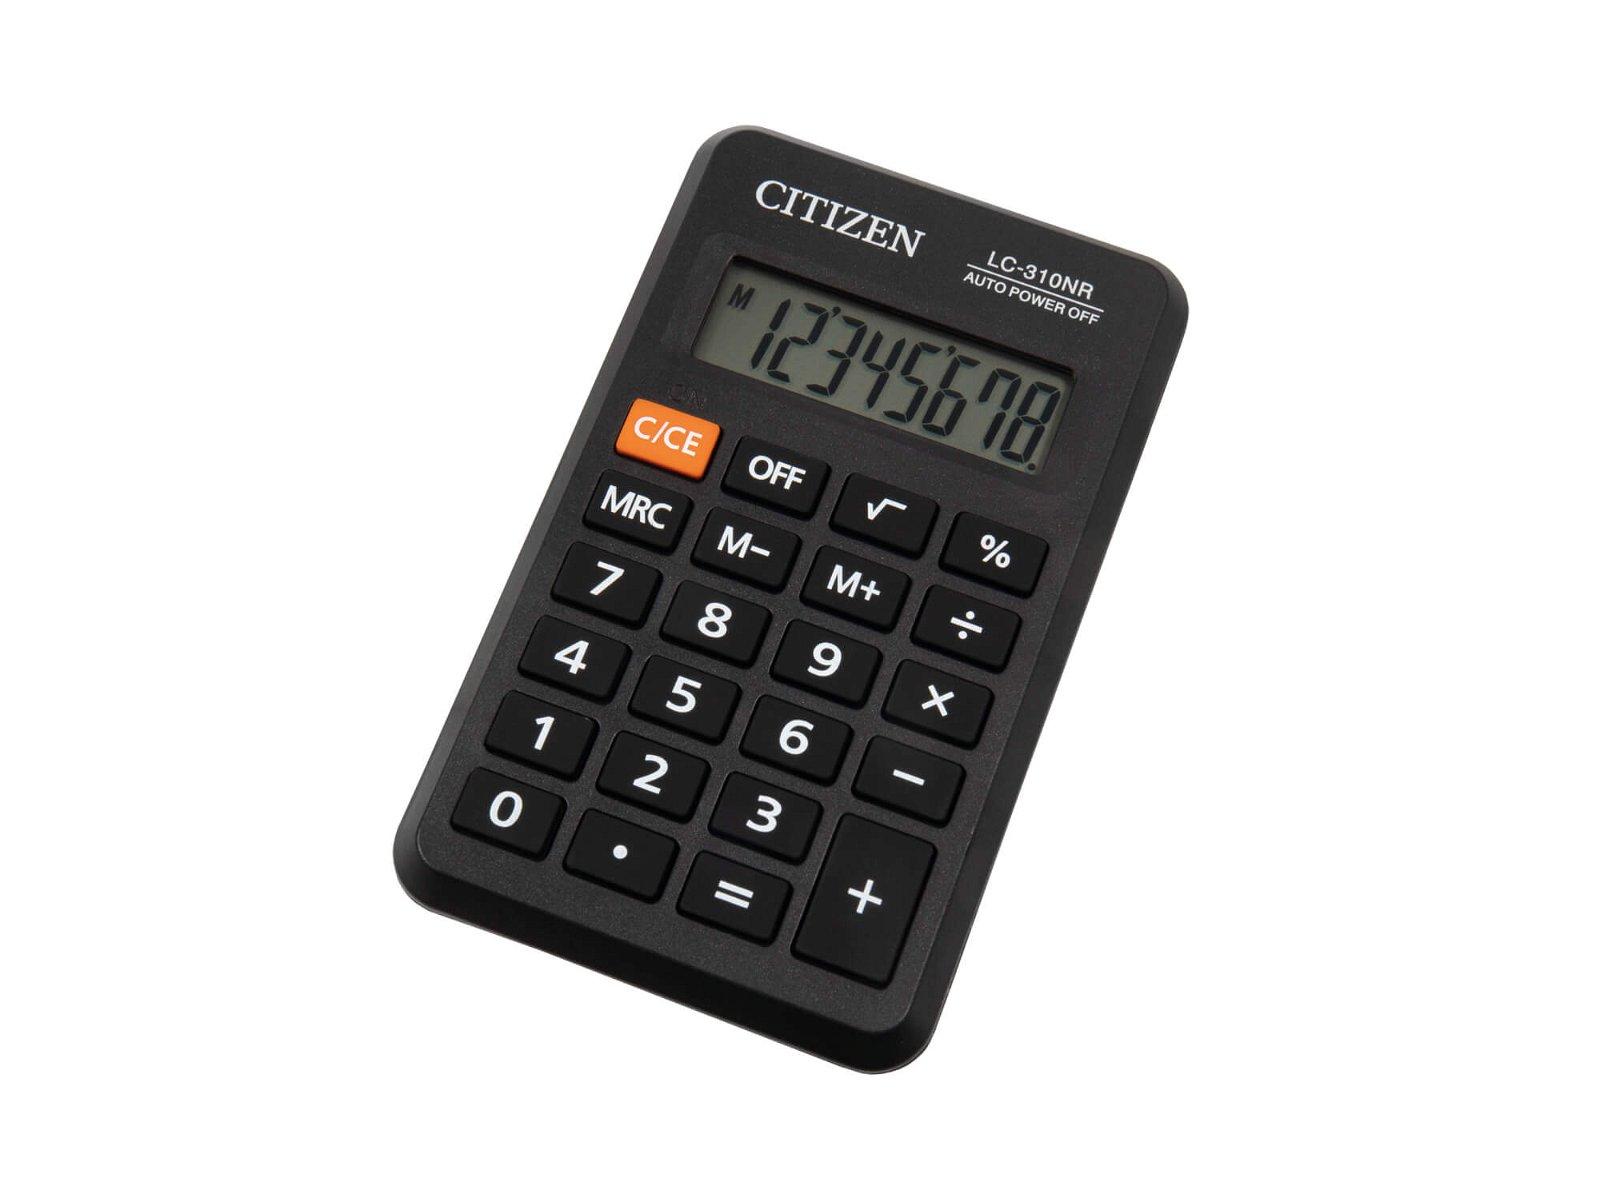 Taschenrechner LC-310NR